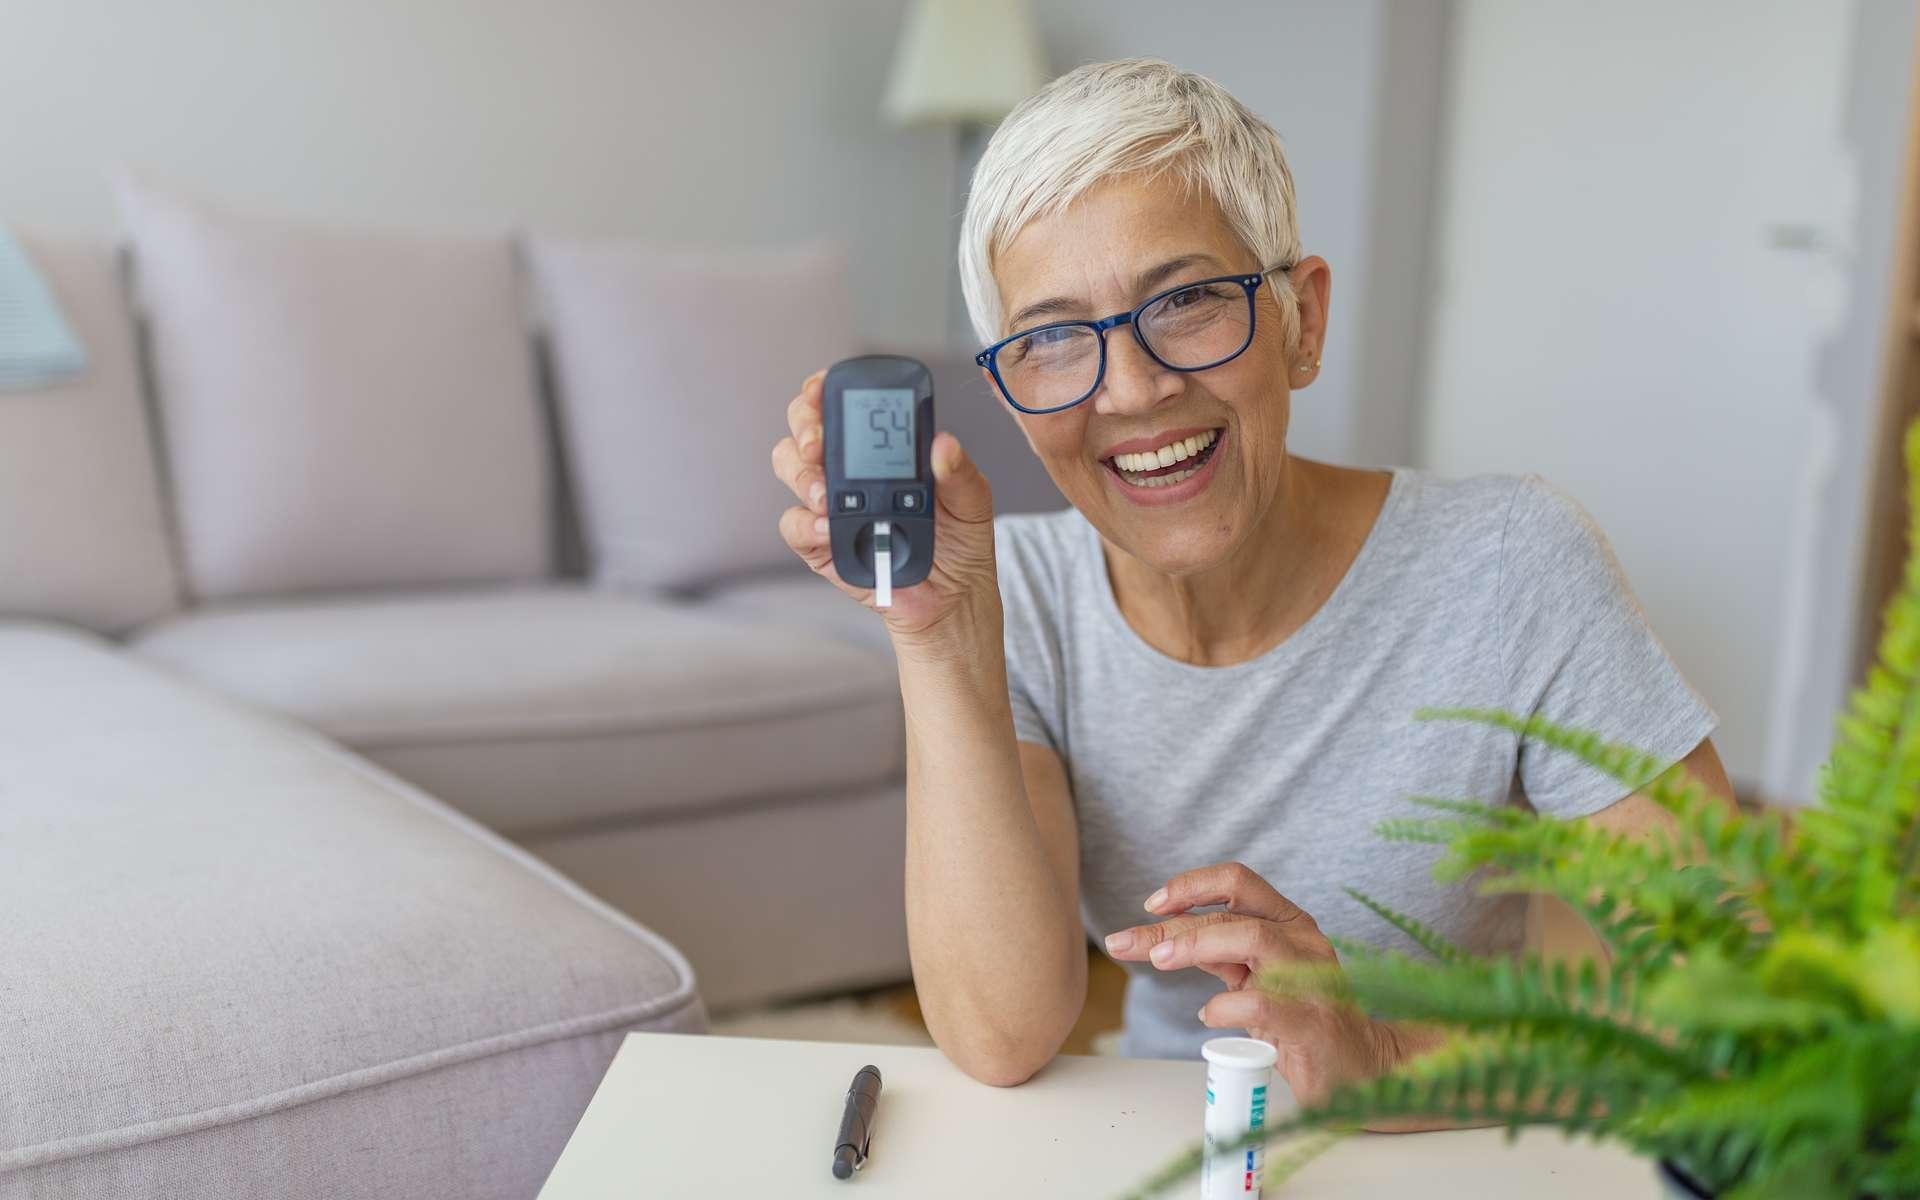 Le diabète de type 2 touche 90 % des diabétiques dans le monde. © Dragana Gordic, Adobe Stock